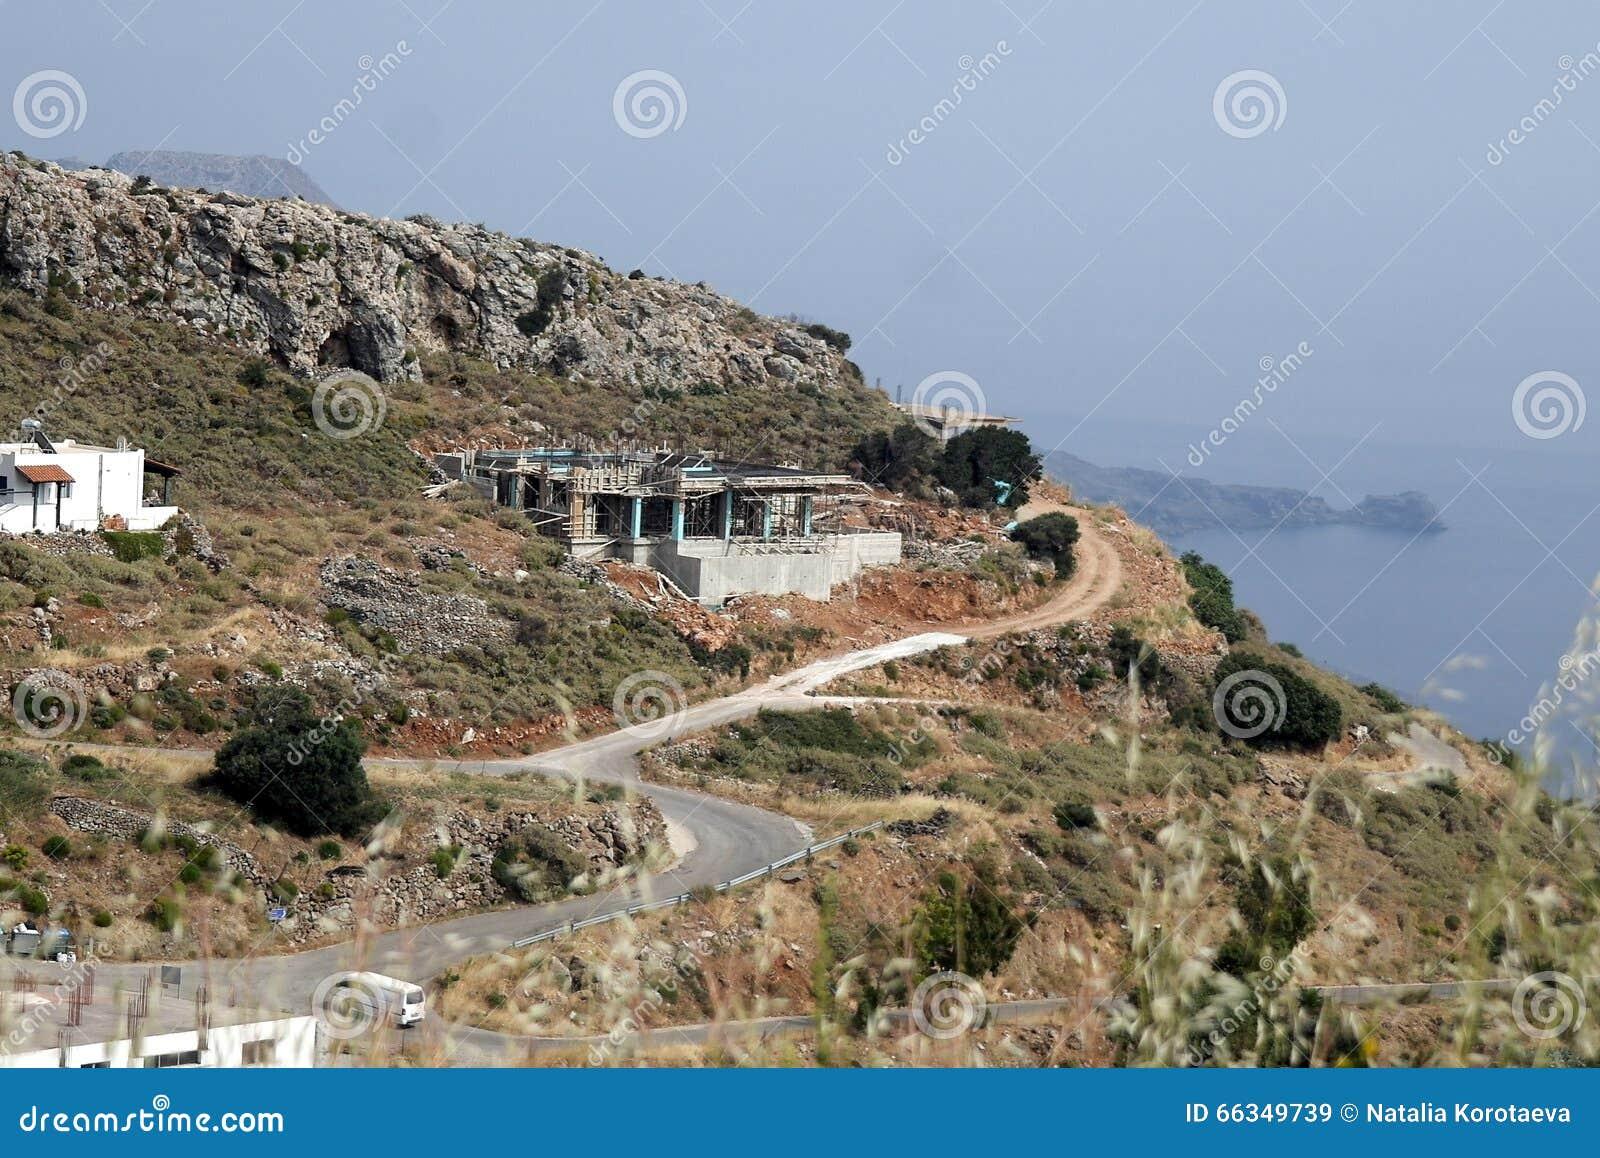 Construcción alta en las montañas crete